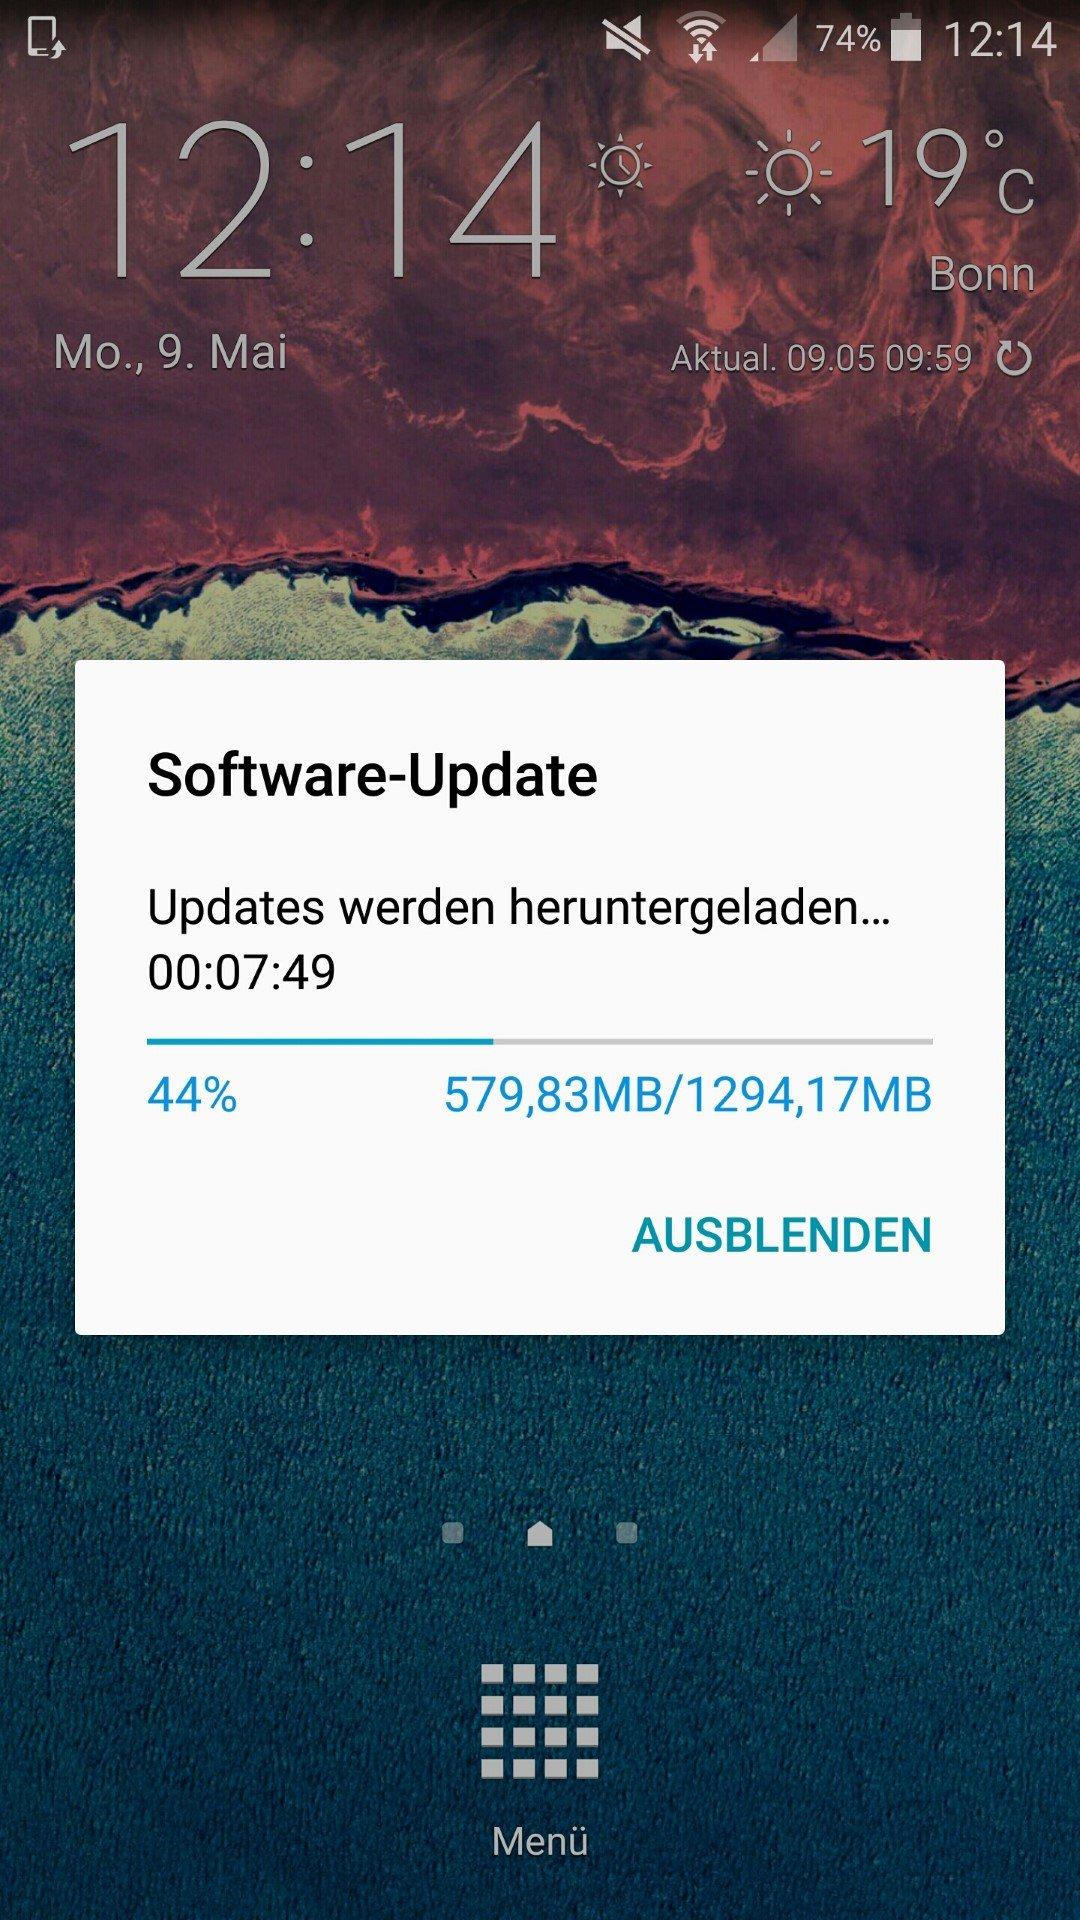 Galaxy Note 4 erhält in Deutschland Android 6.0.1 Marshmallow - Die Neuerungen im Überblick 2